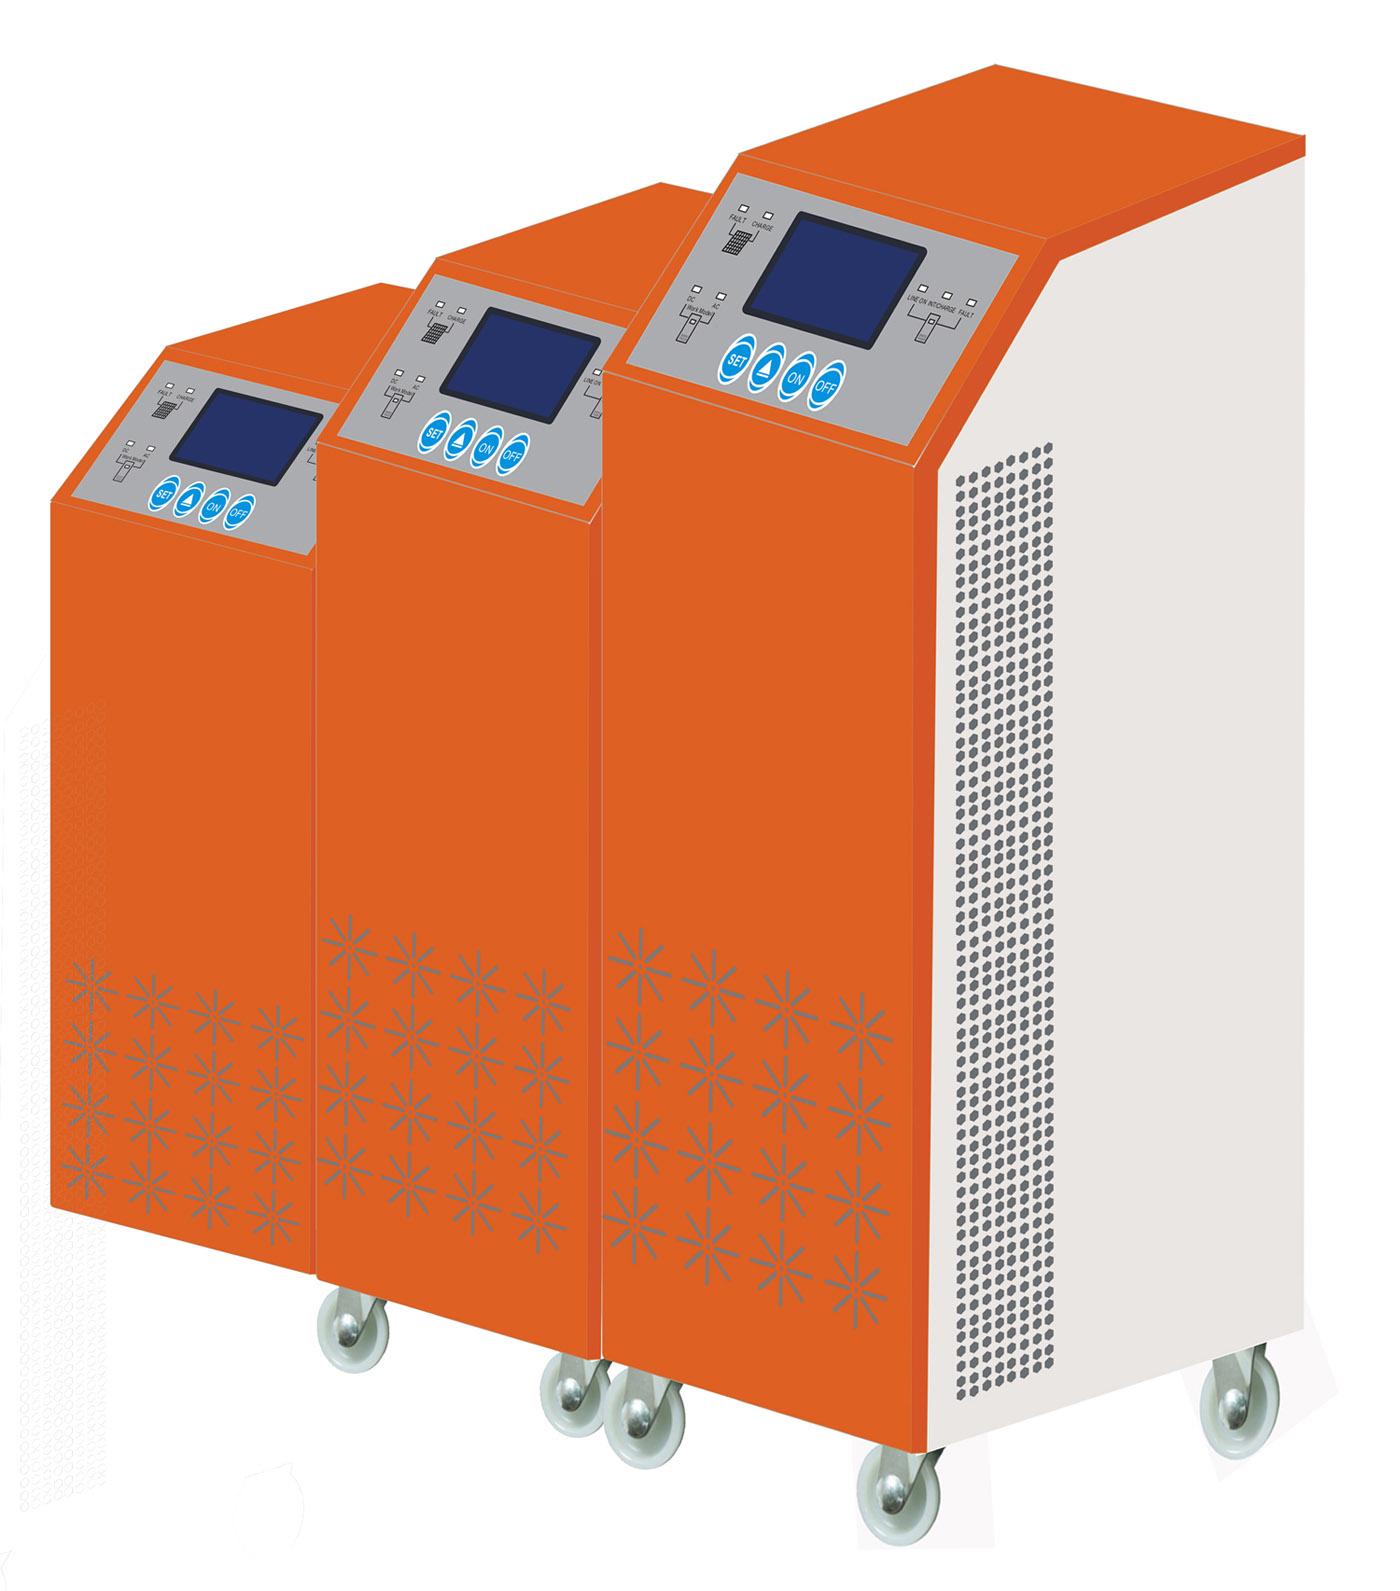 Hybrid Power Inverter 5kw Hybrid Solar Inverter off Grid for Home Use